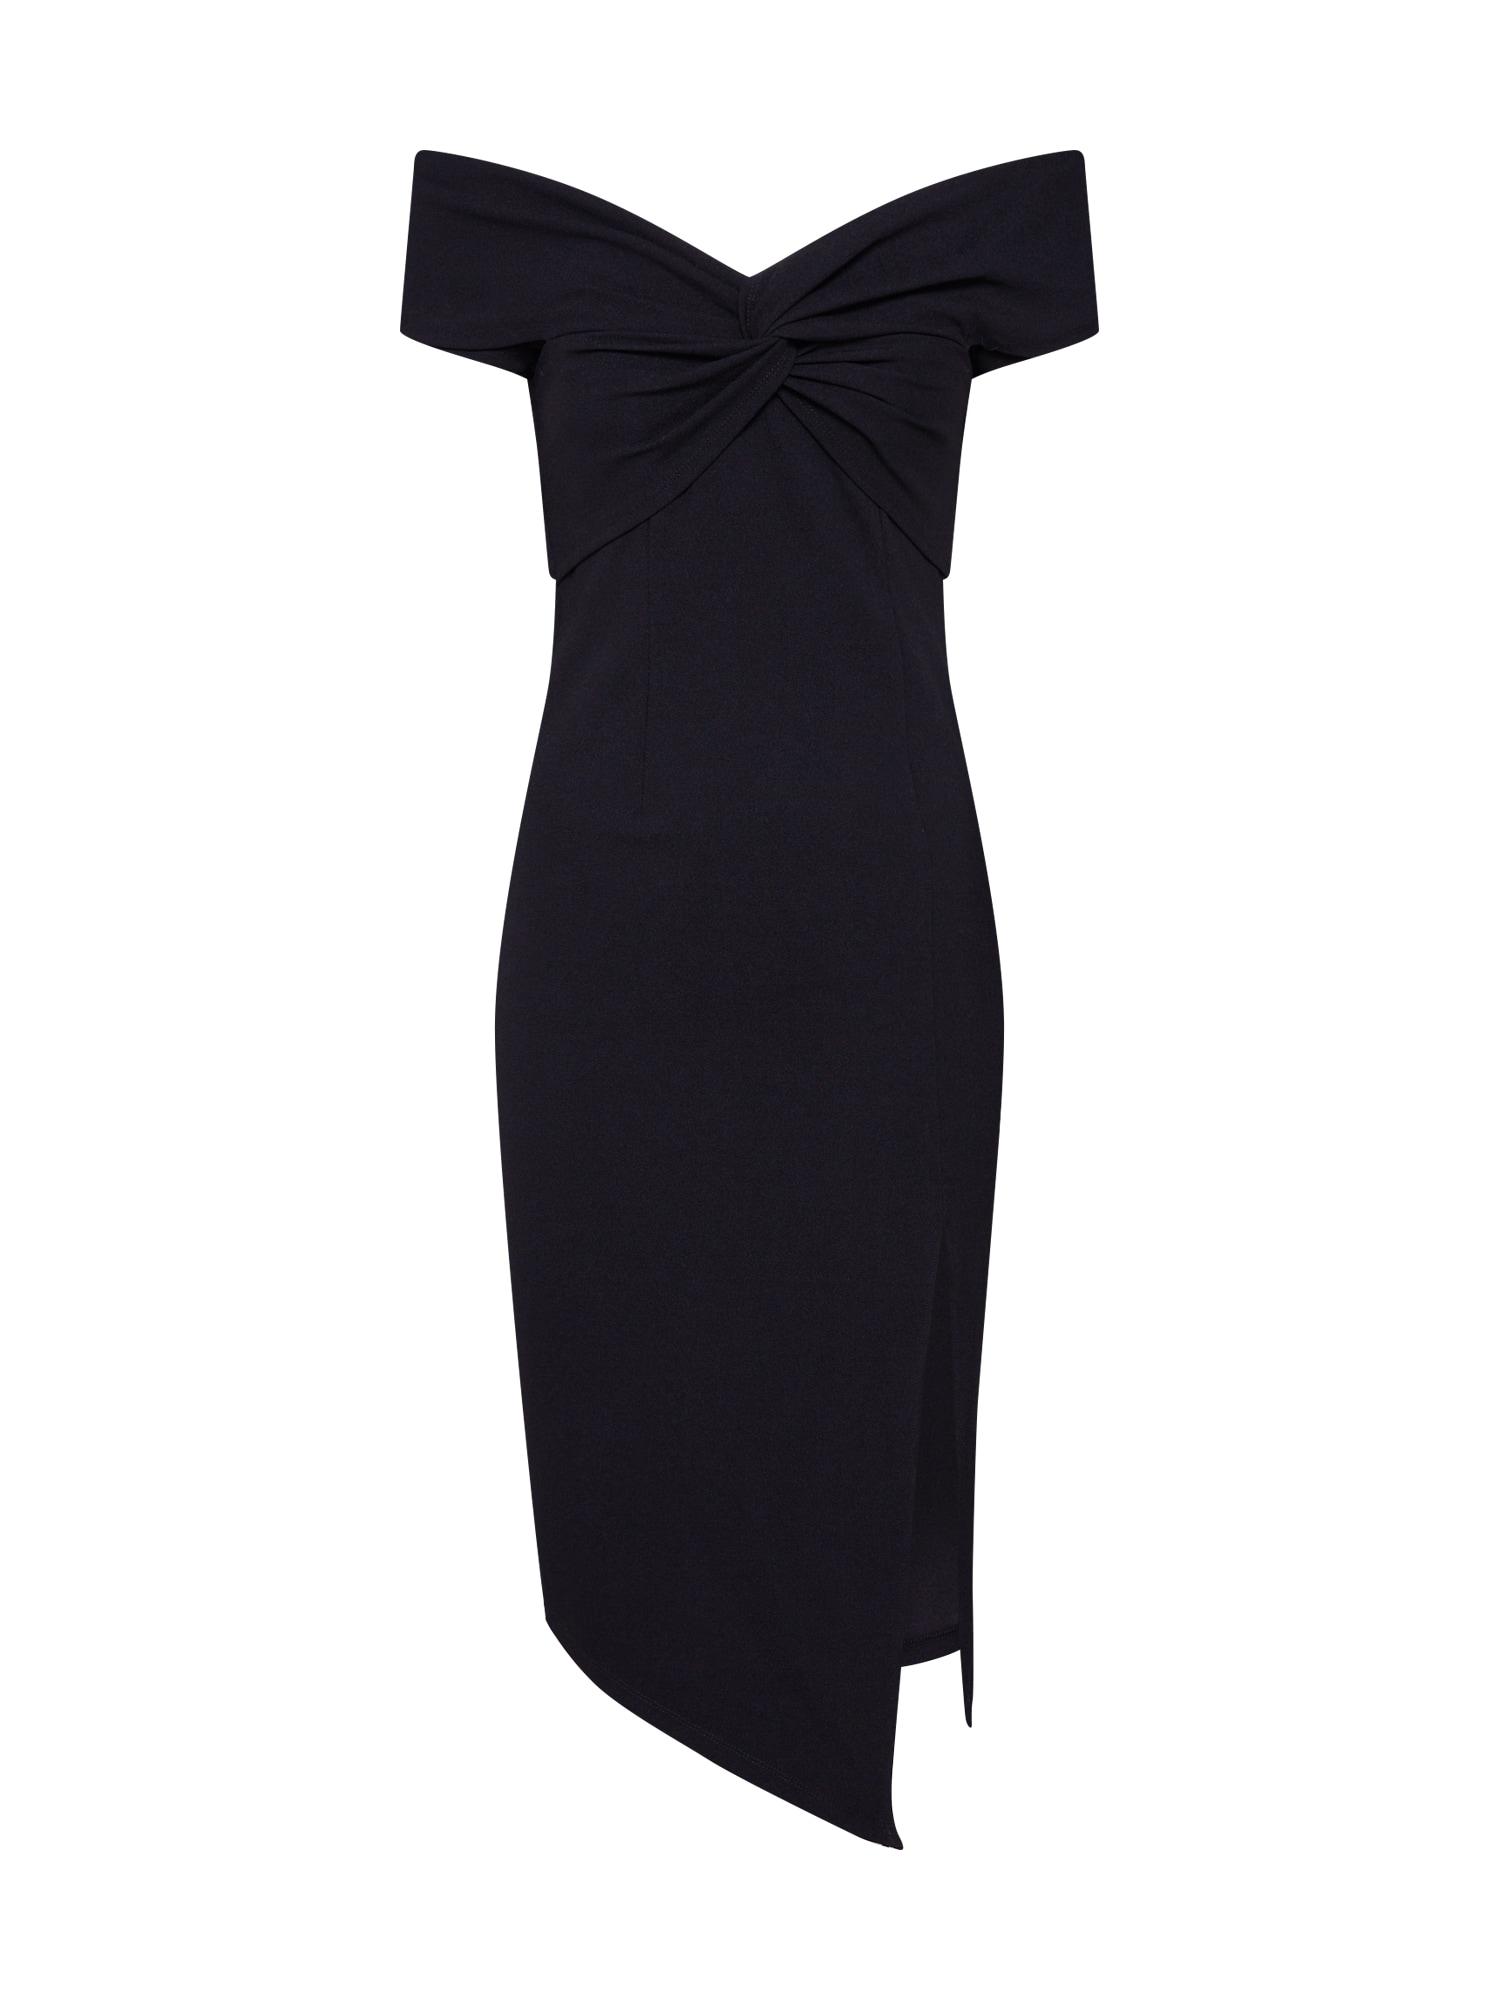 Koktejlové šaty TWIST FRONT MIDI DRESS černá Parallel Lines